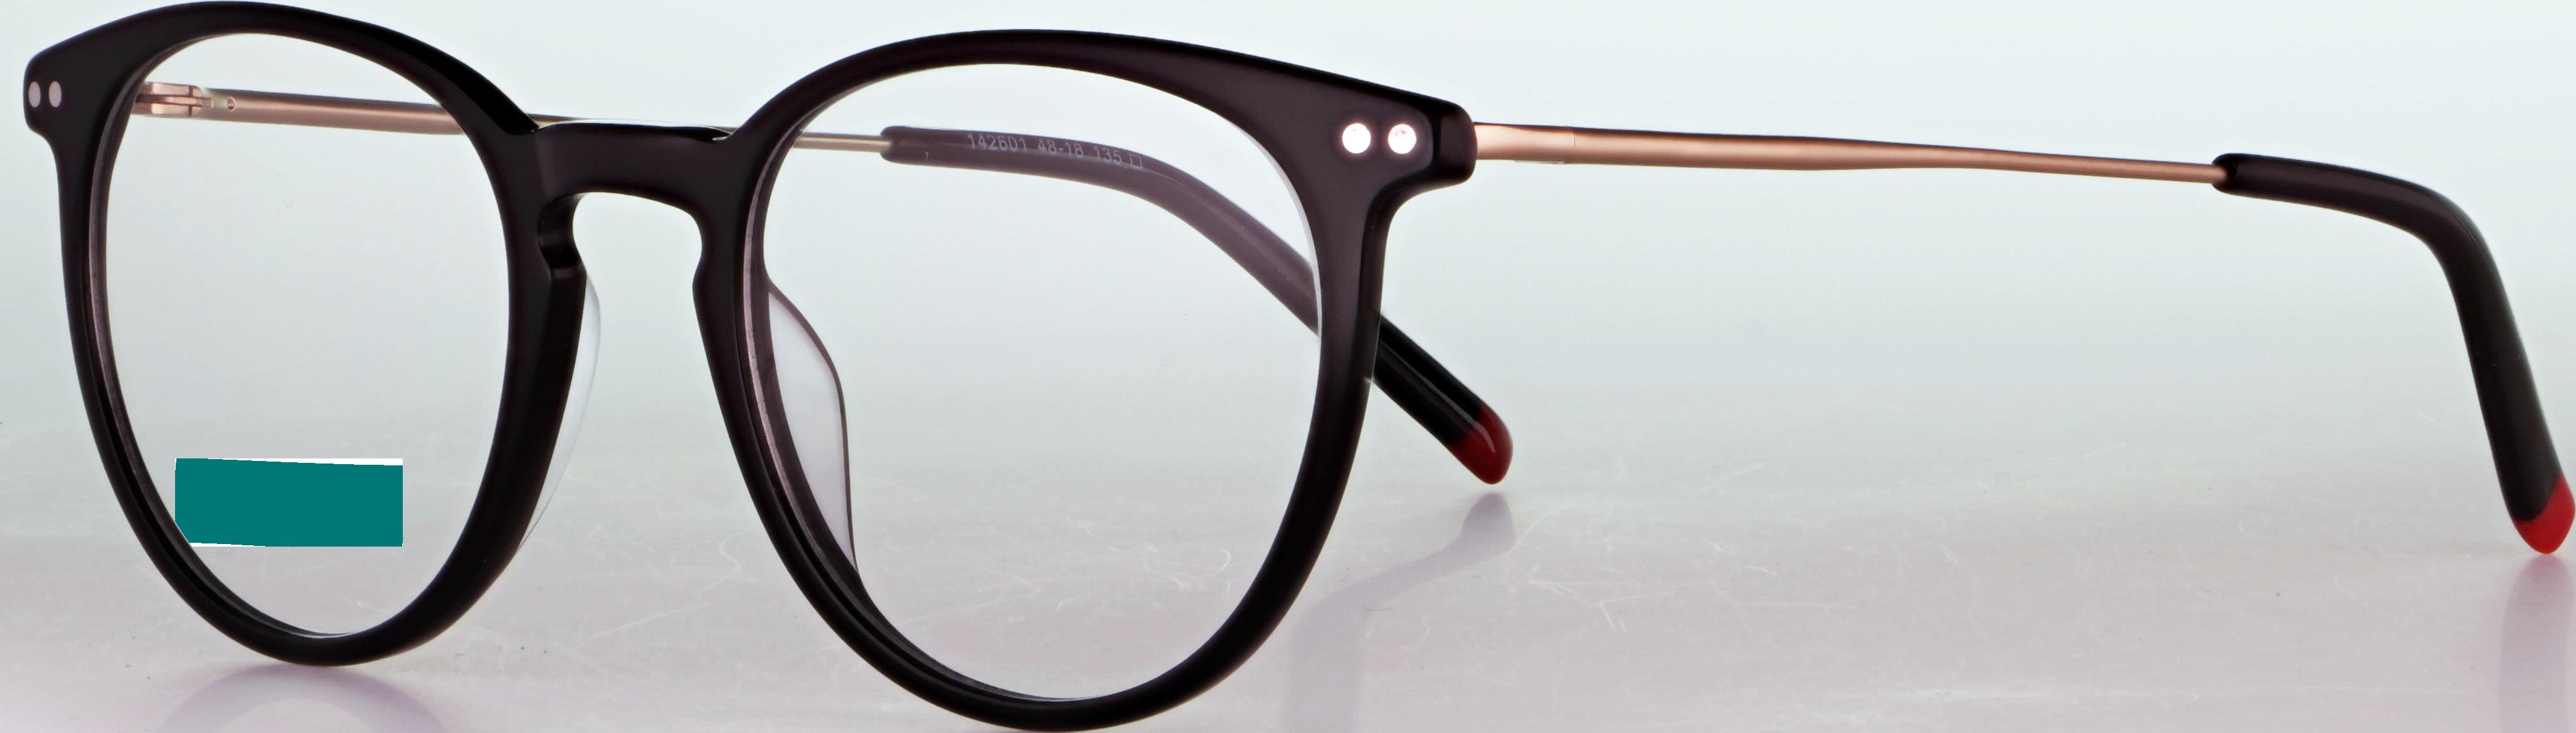 abele optik Brille 142601